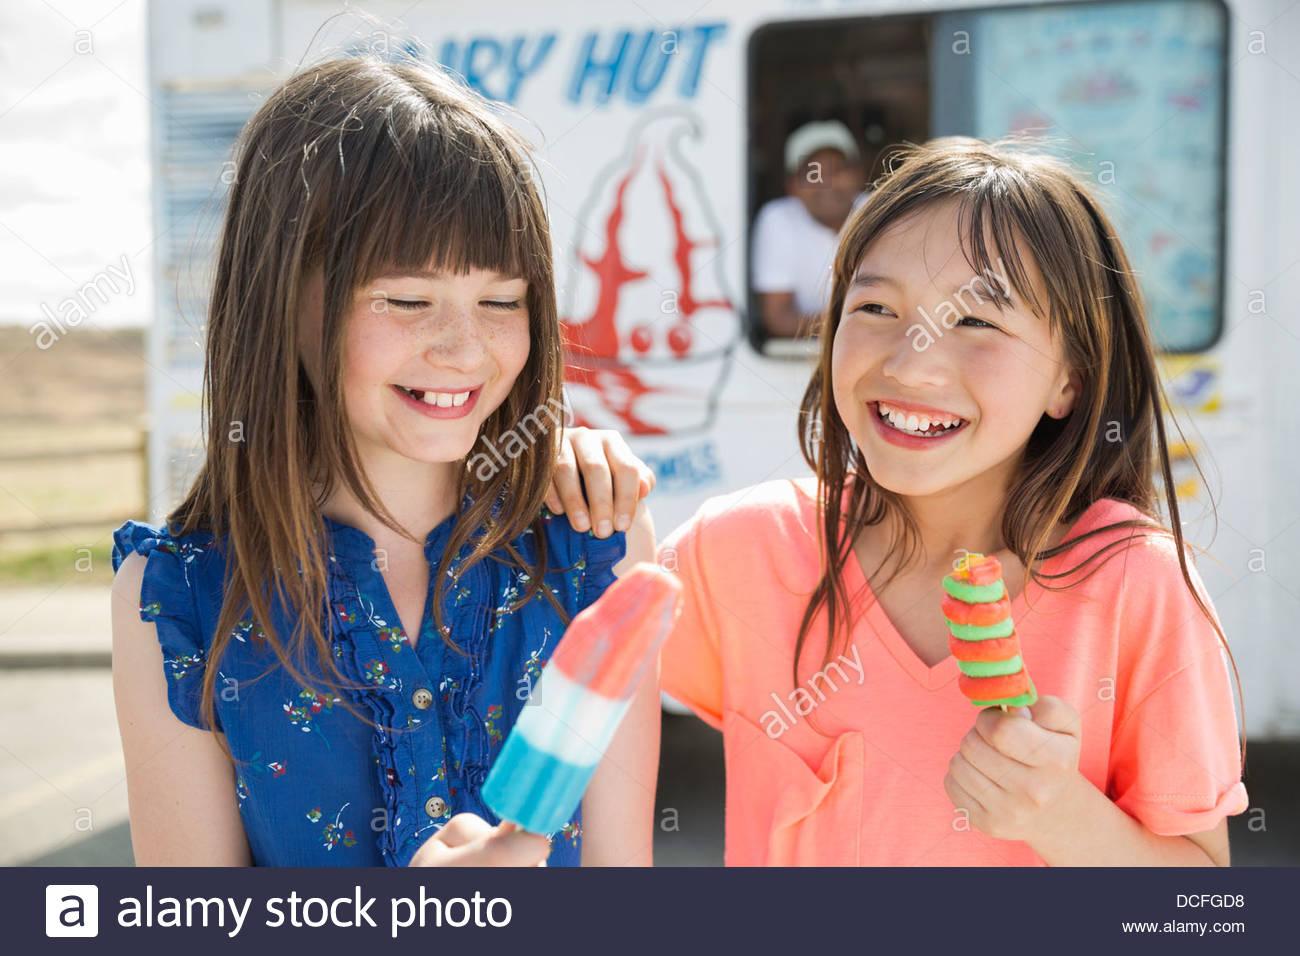 Girls eating popsicles outside - Stock Image